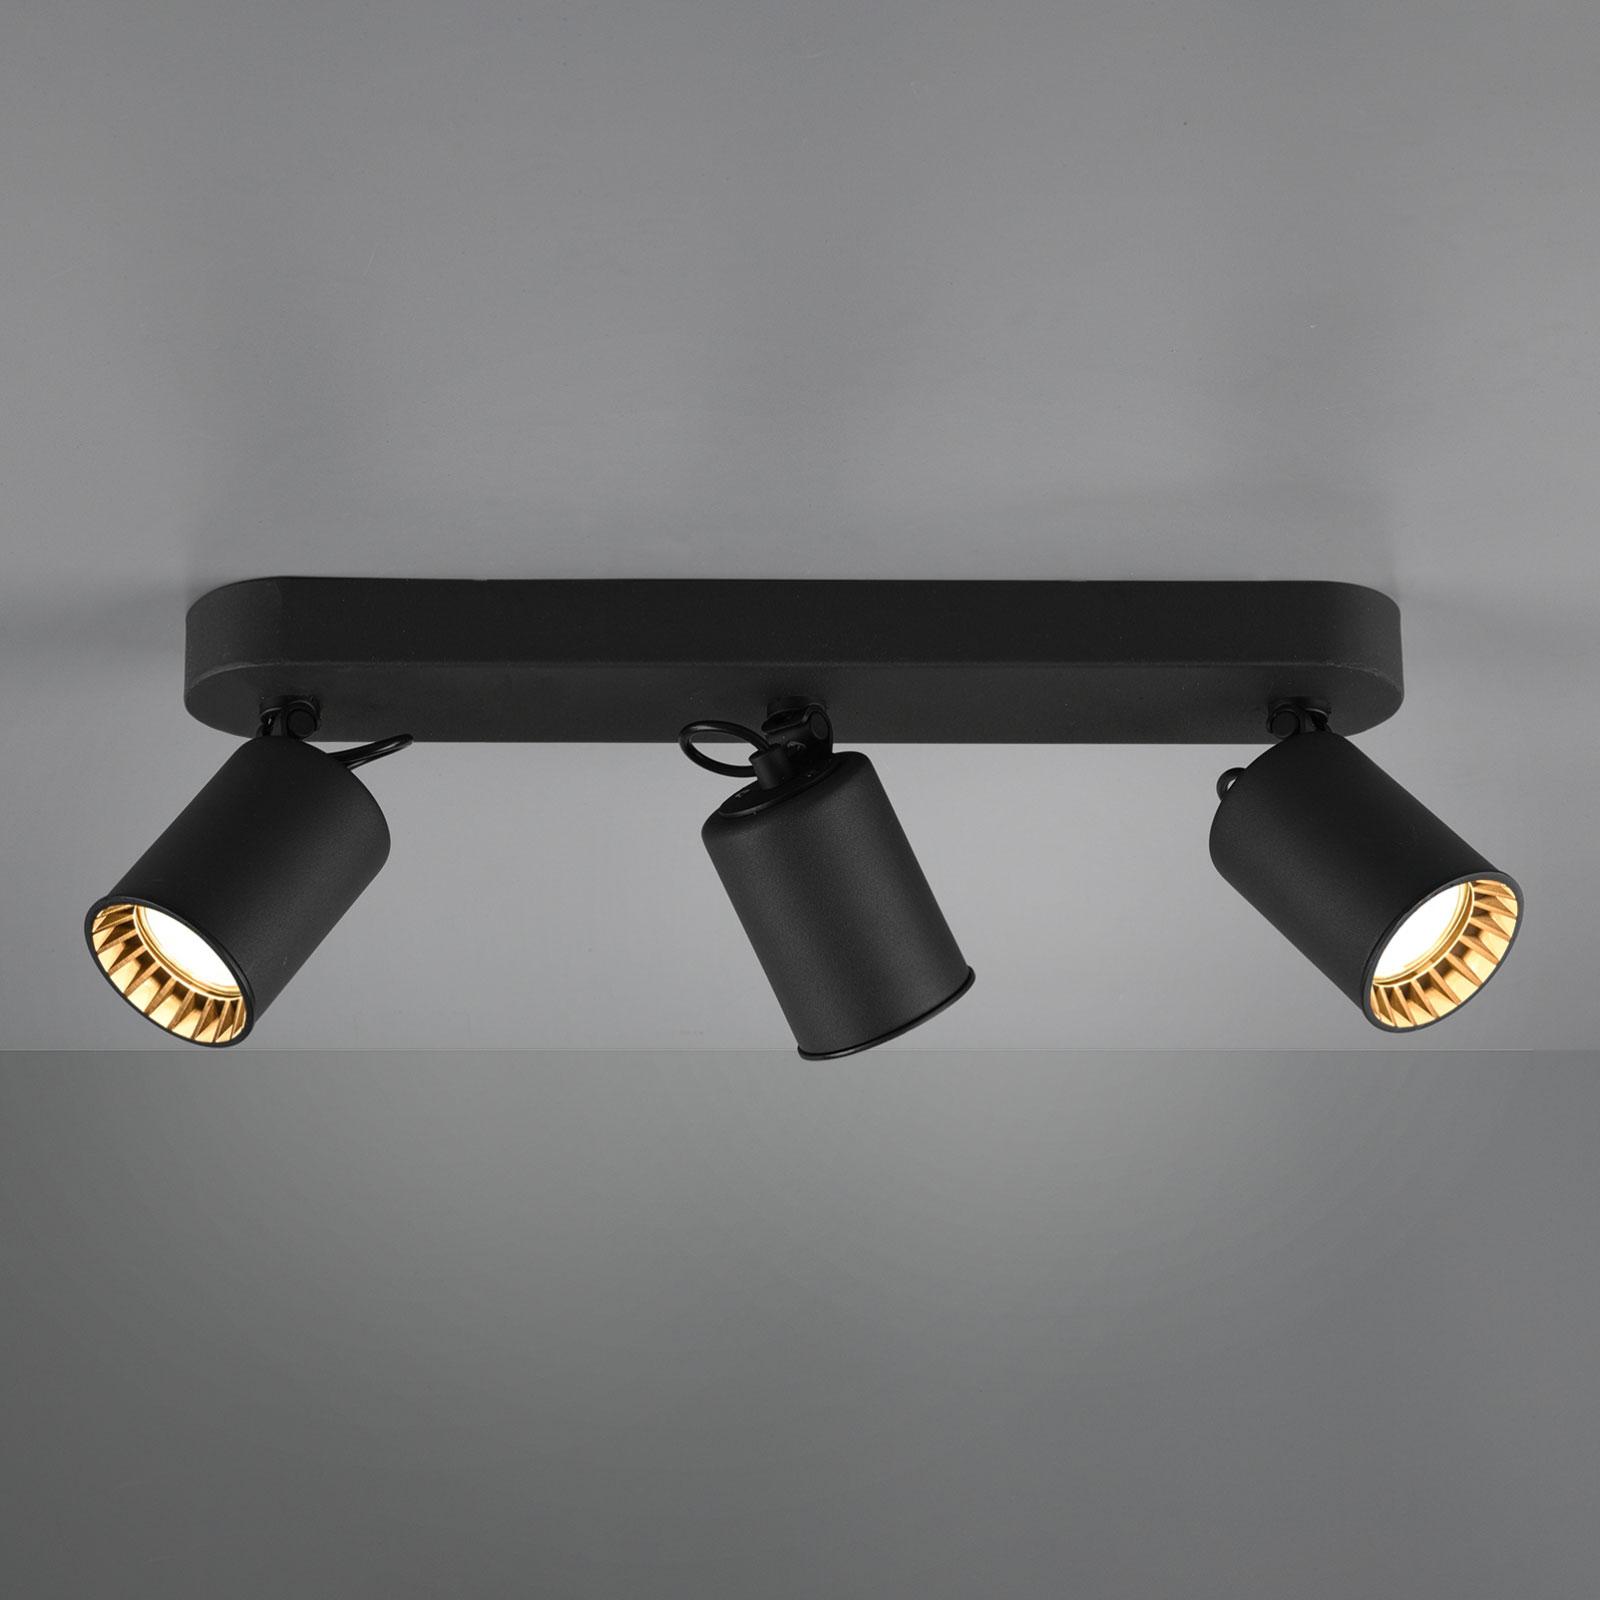 Stropní světlo Pago, tři žárovky, černé